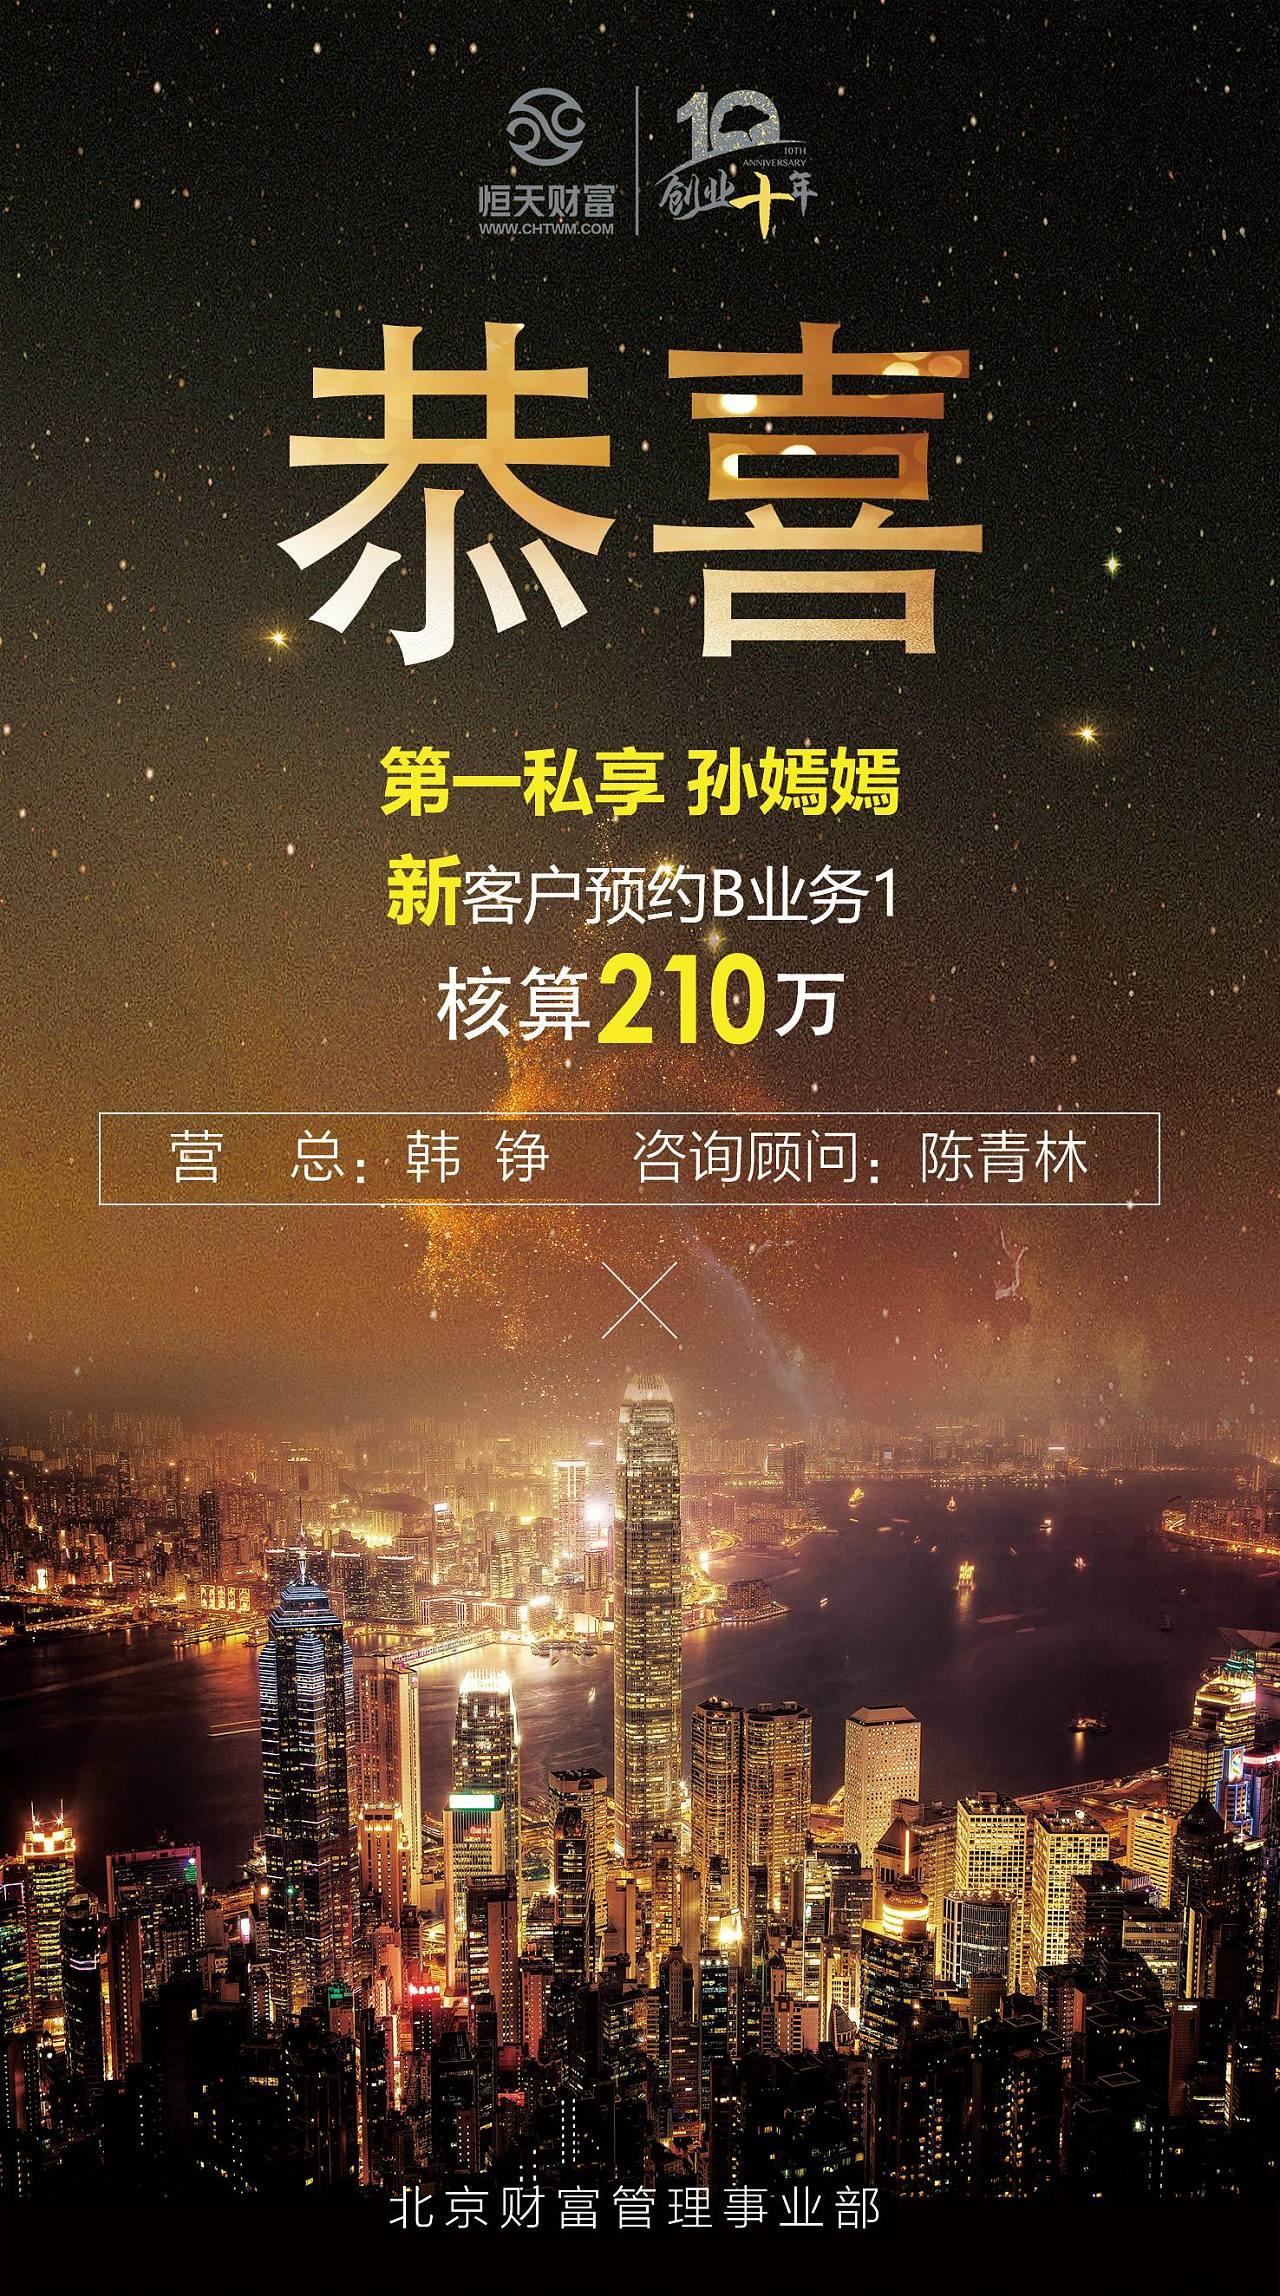 香港背景喜报图片